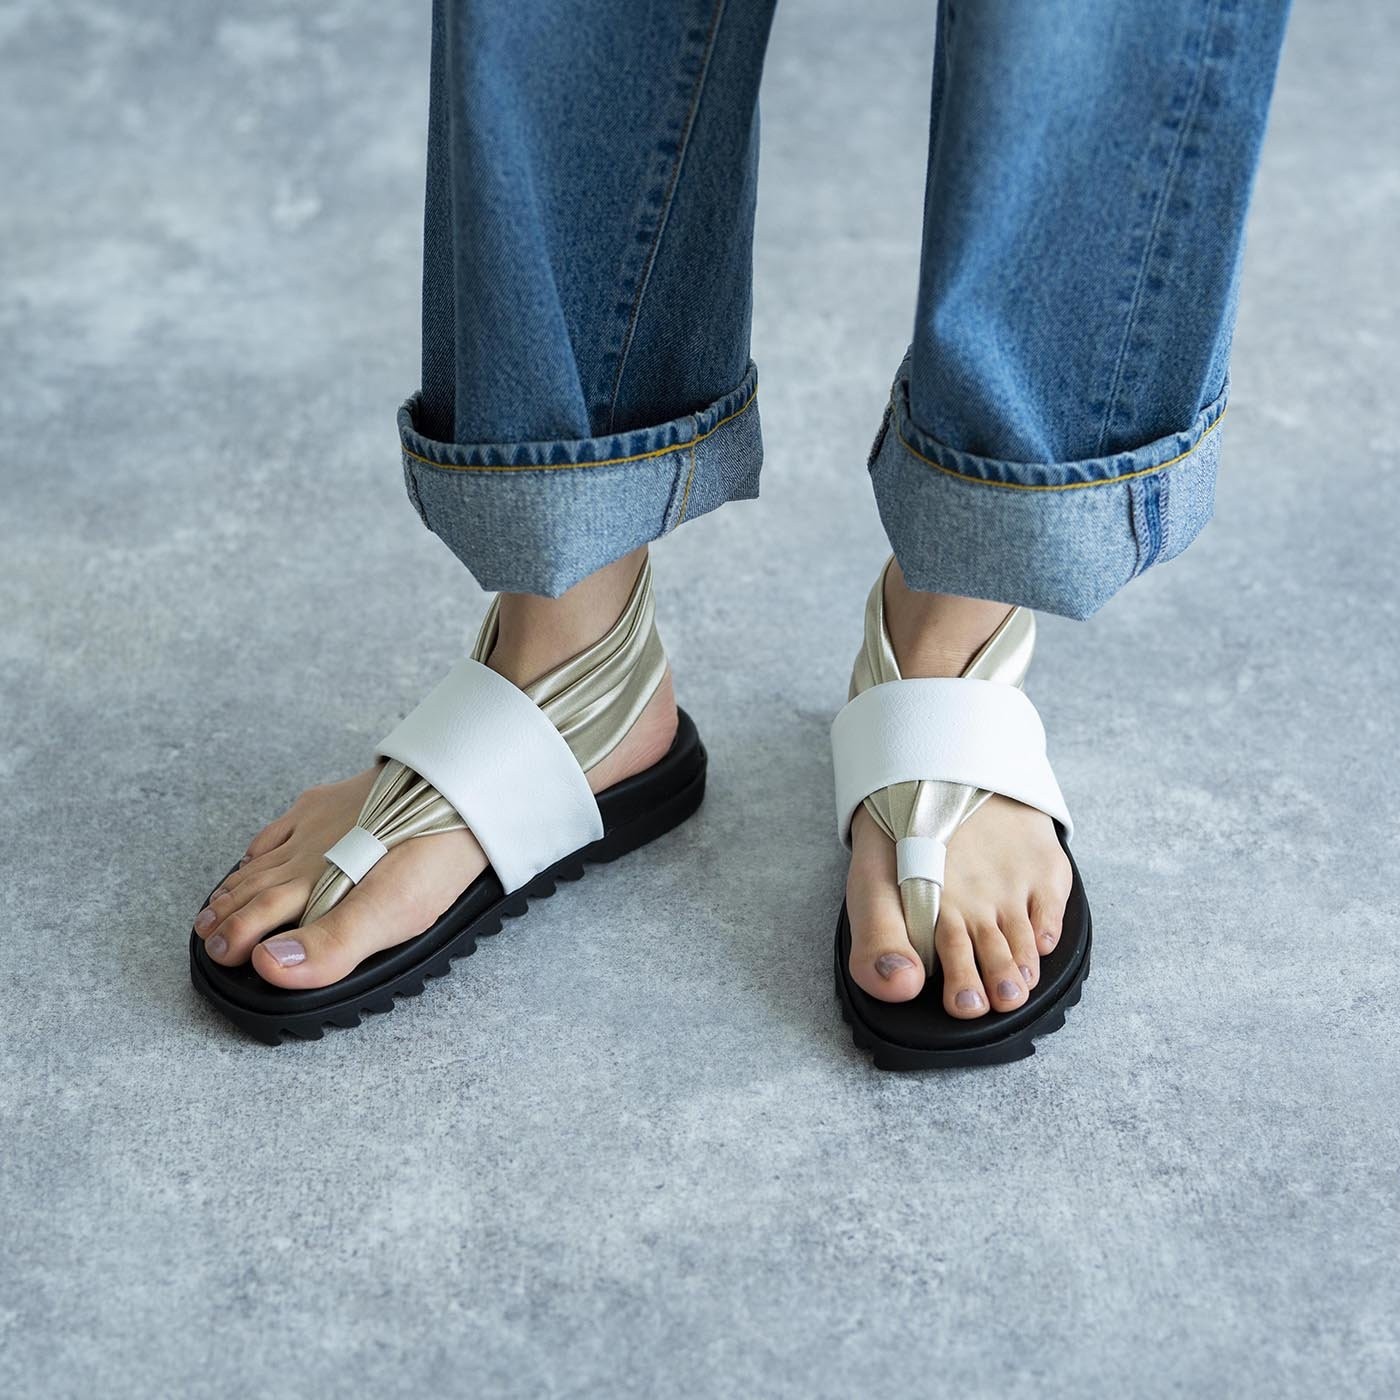 靴デザイナーの理想で仕上げた 職人本革のトングシューズ〈ホワイト〉[サンダル:日本製]